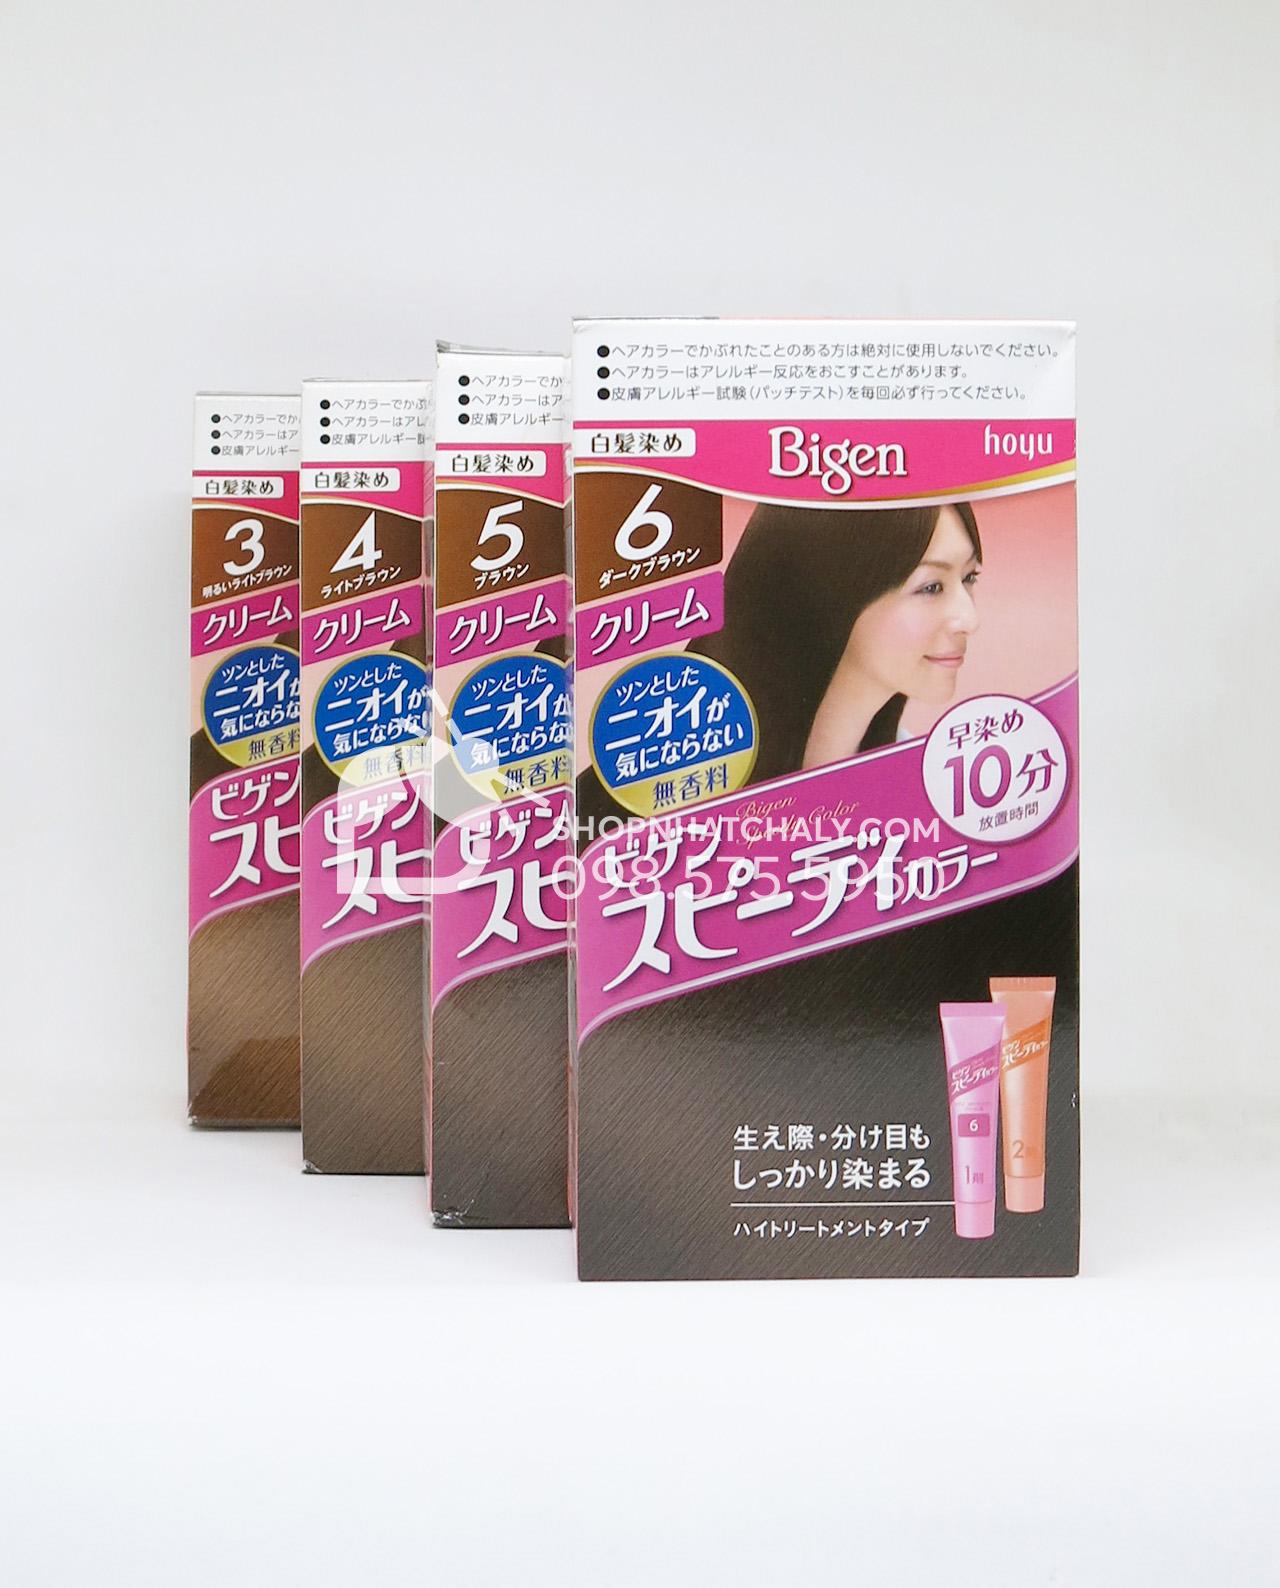 Thuốc nhuộm tóc Bigen Speedy dạng tuýp màu nâu 3G 4G 5G 6G